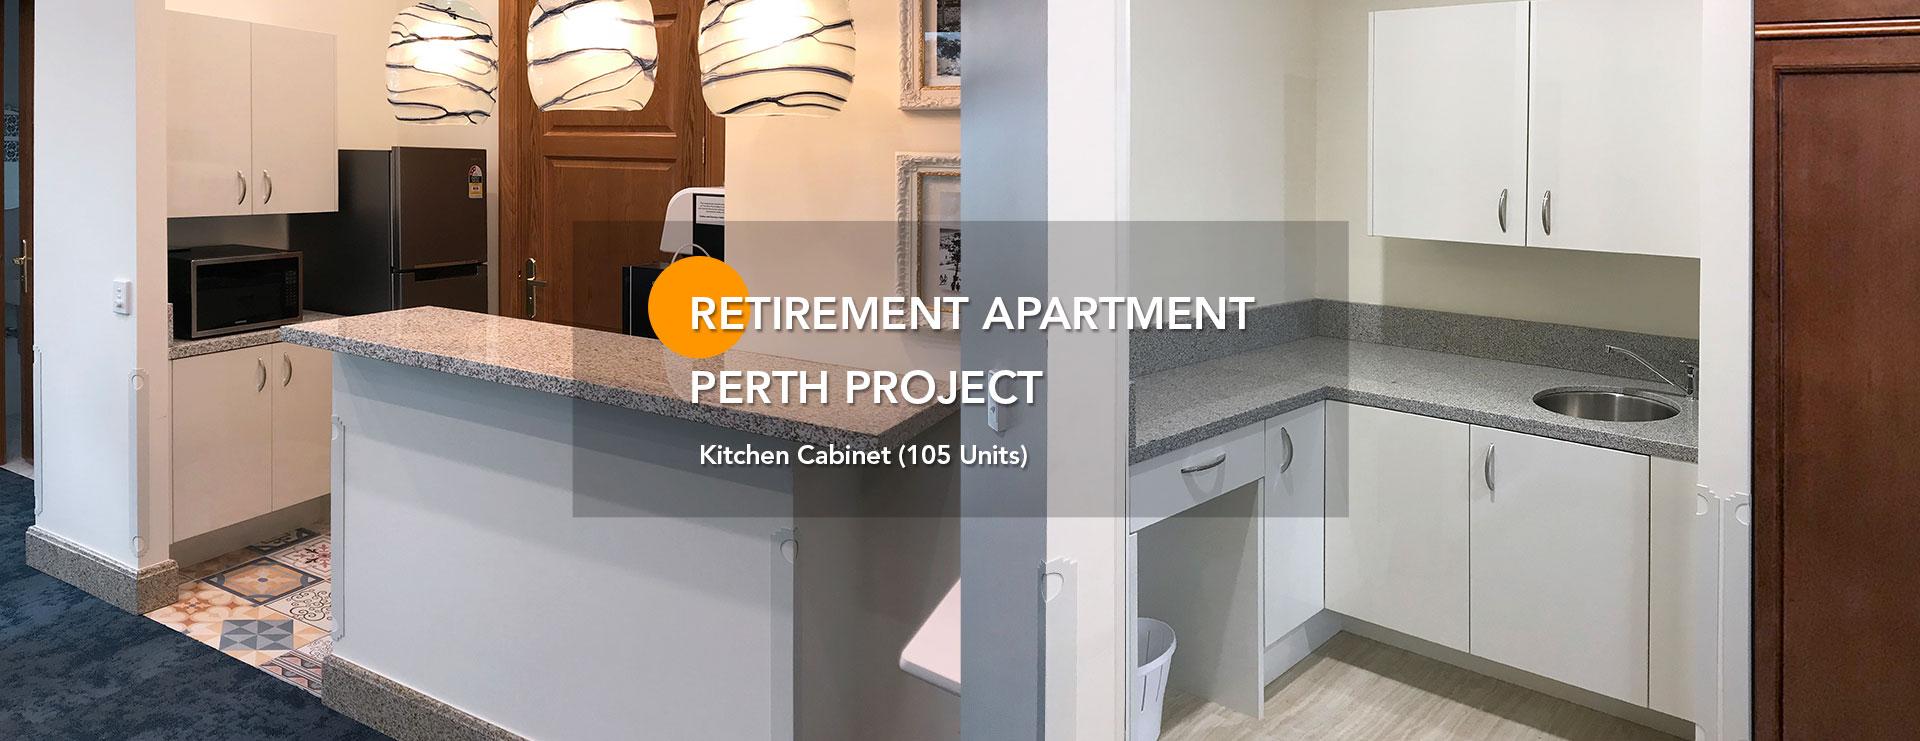 Retirement-Apartment-Perth-Project-AU -banner